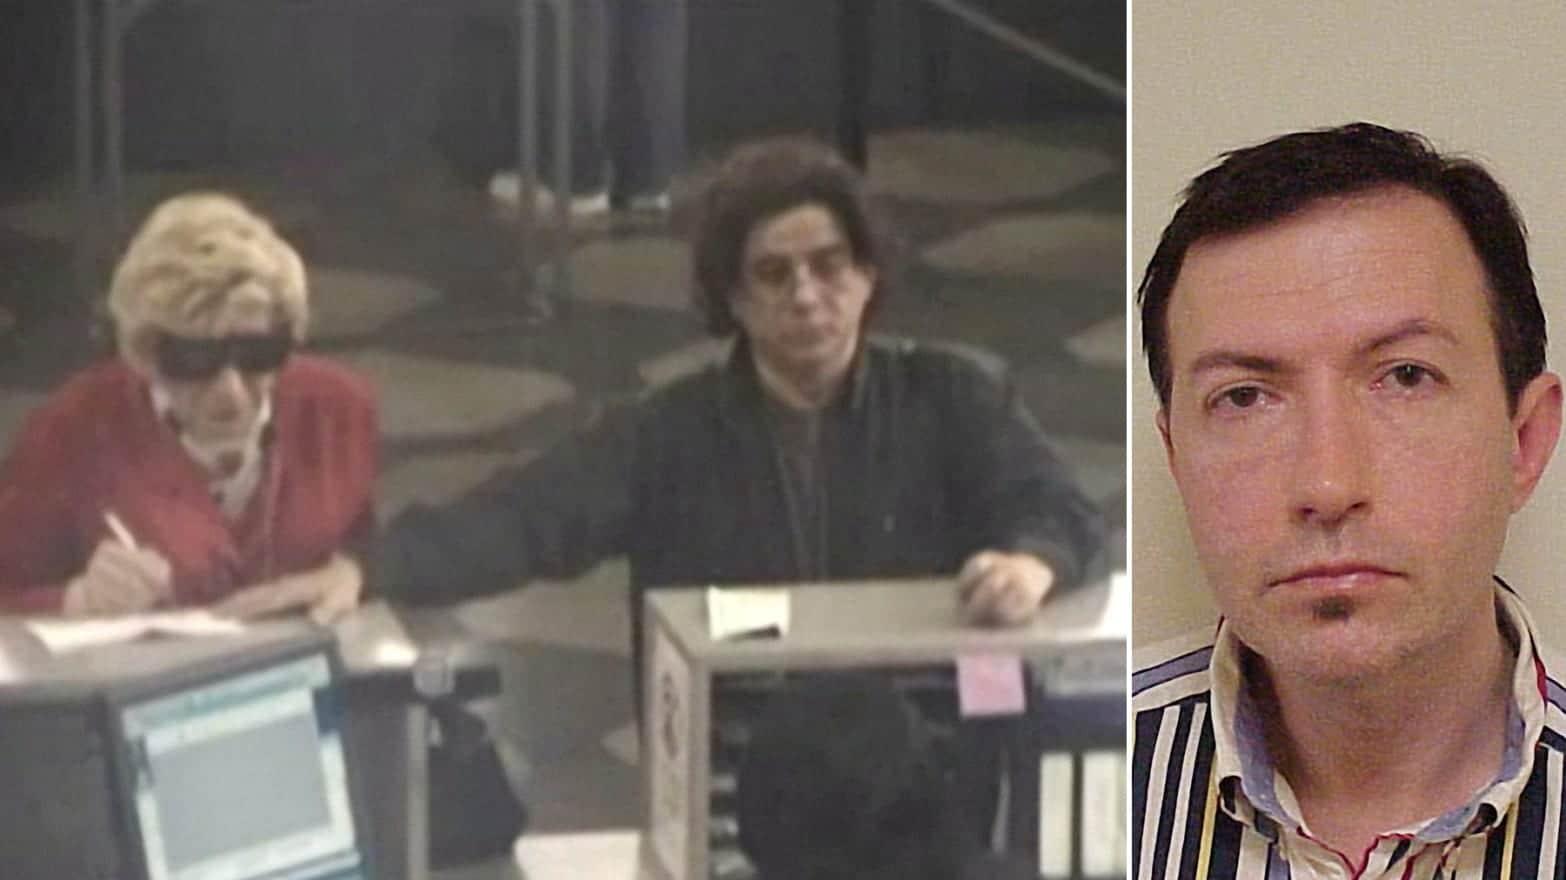 Un uomo per 6 anni si è vestito da donna indossando i vestiti della madre morta, per riscuotere la pensione della defunta